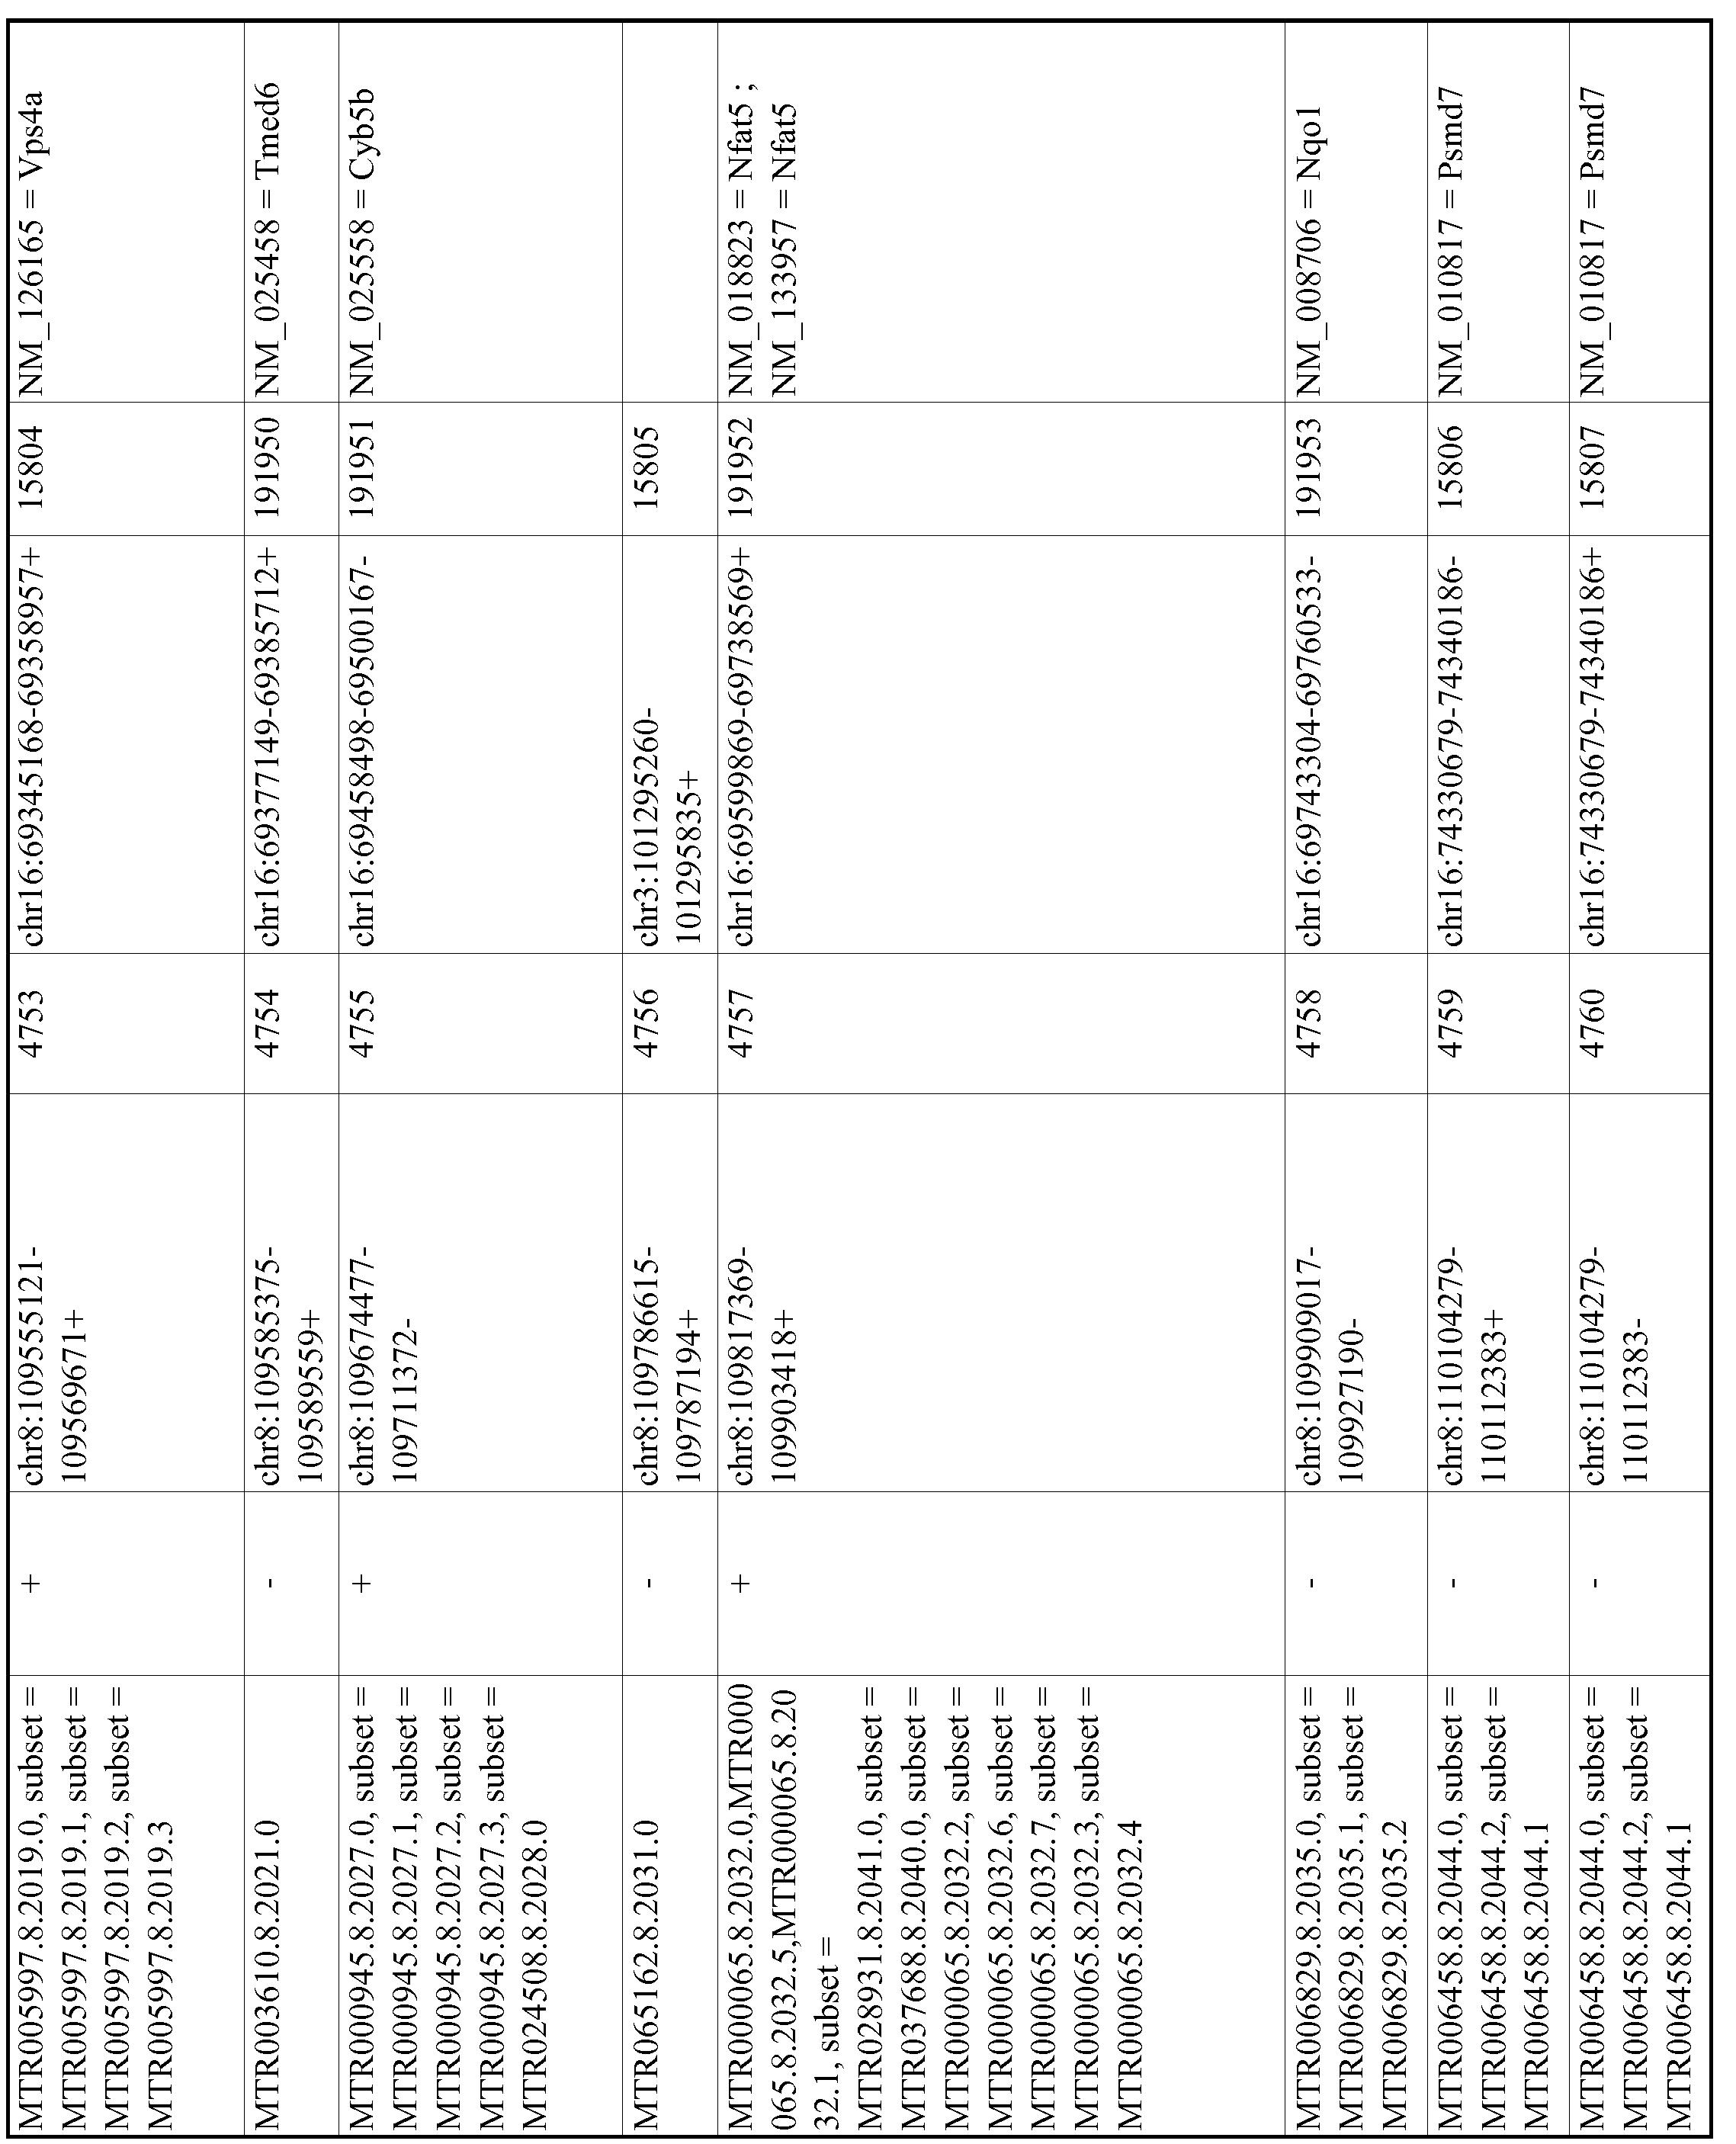 Figure imgf000880_0001